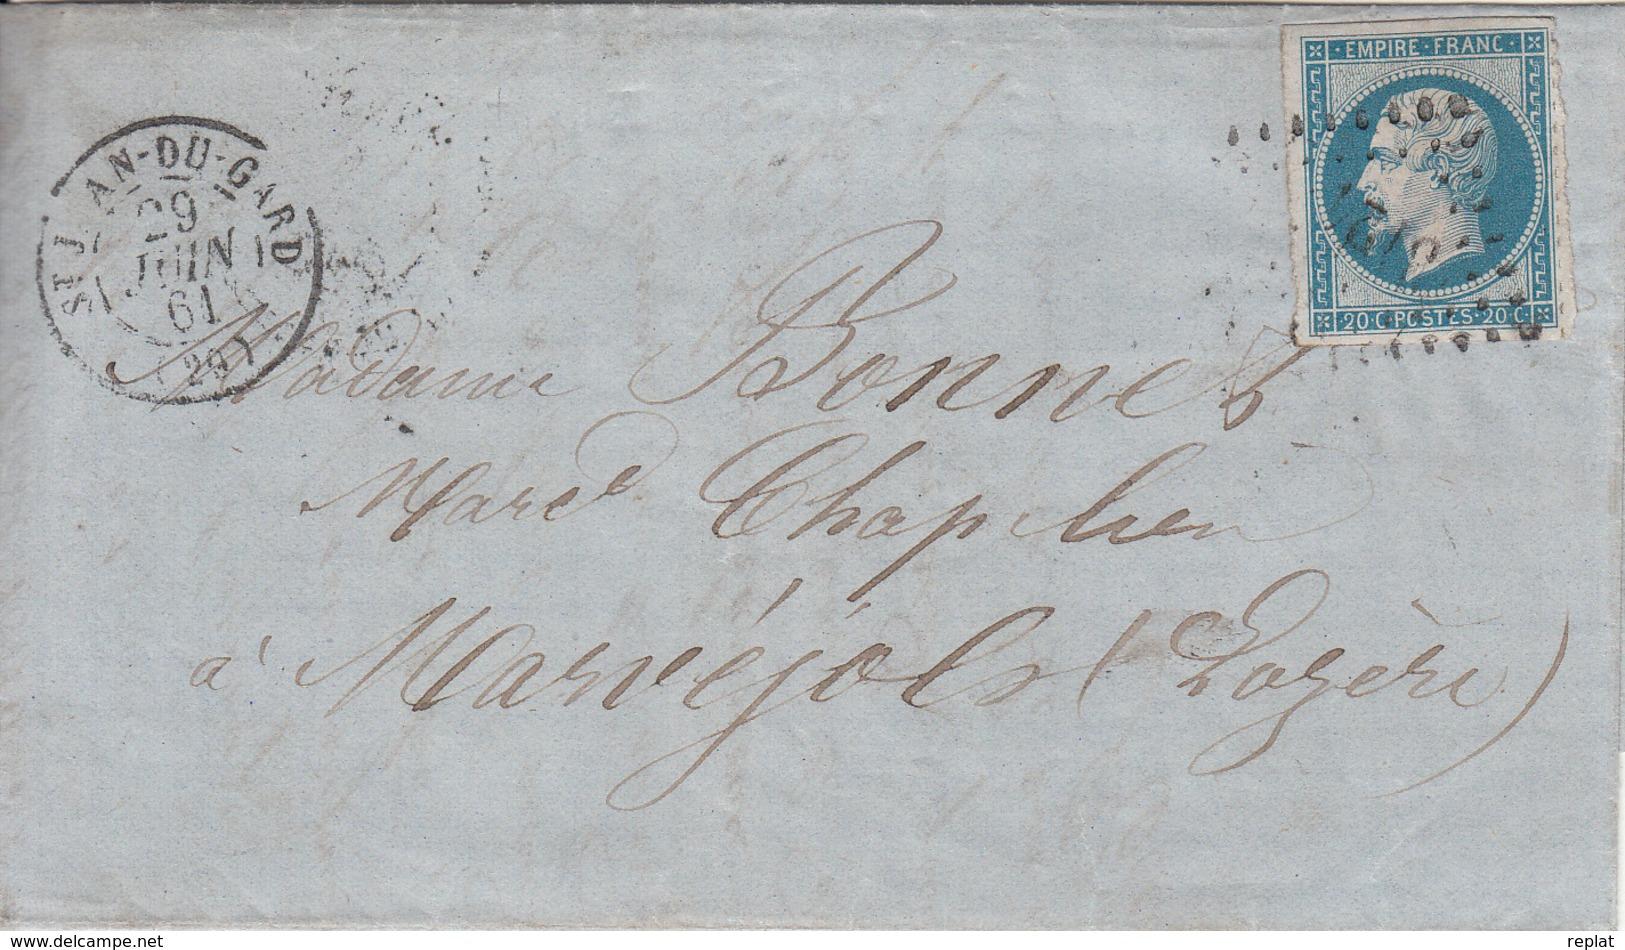 MARQUE POSTALE LAC  29 ST JEAN DU GARD A MARVEJOLS   PC 3124 S/14  29 JUIN 1861 - Marcophilie (Lettres)